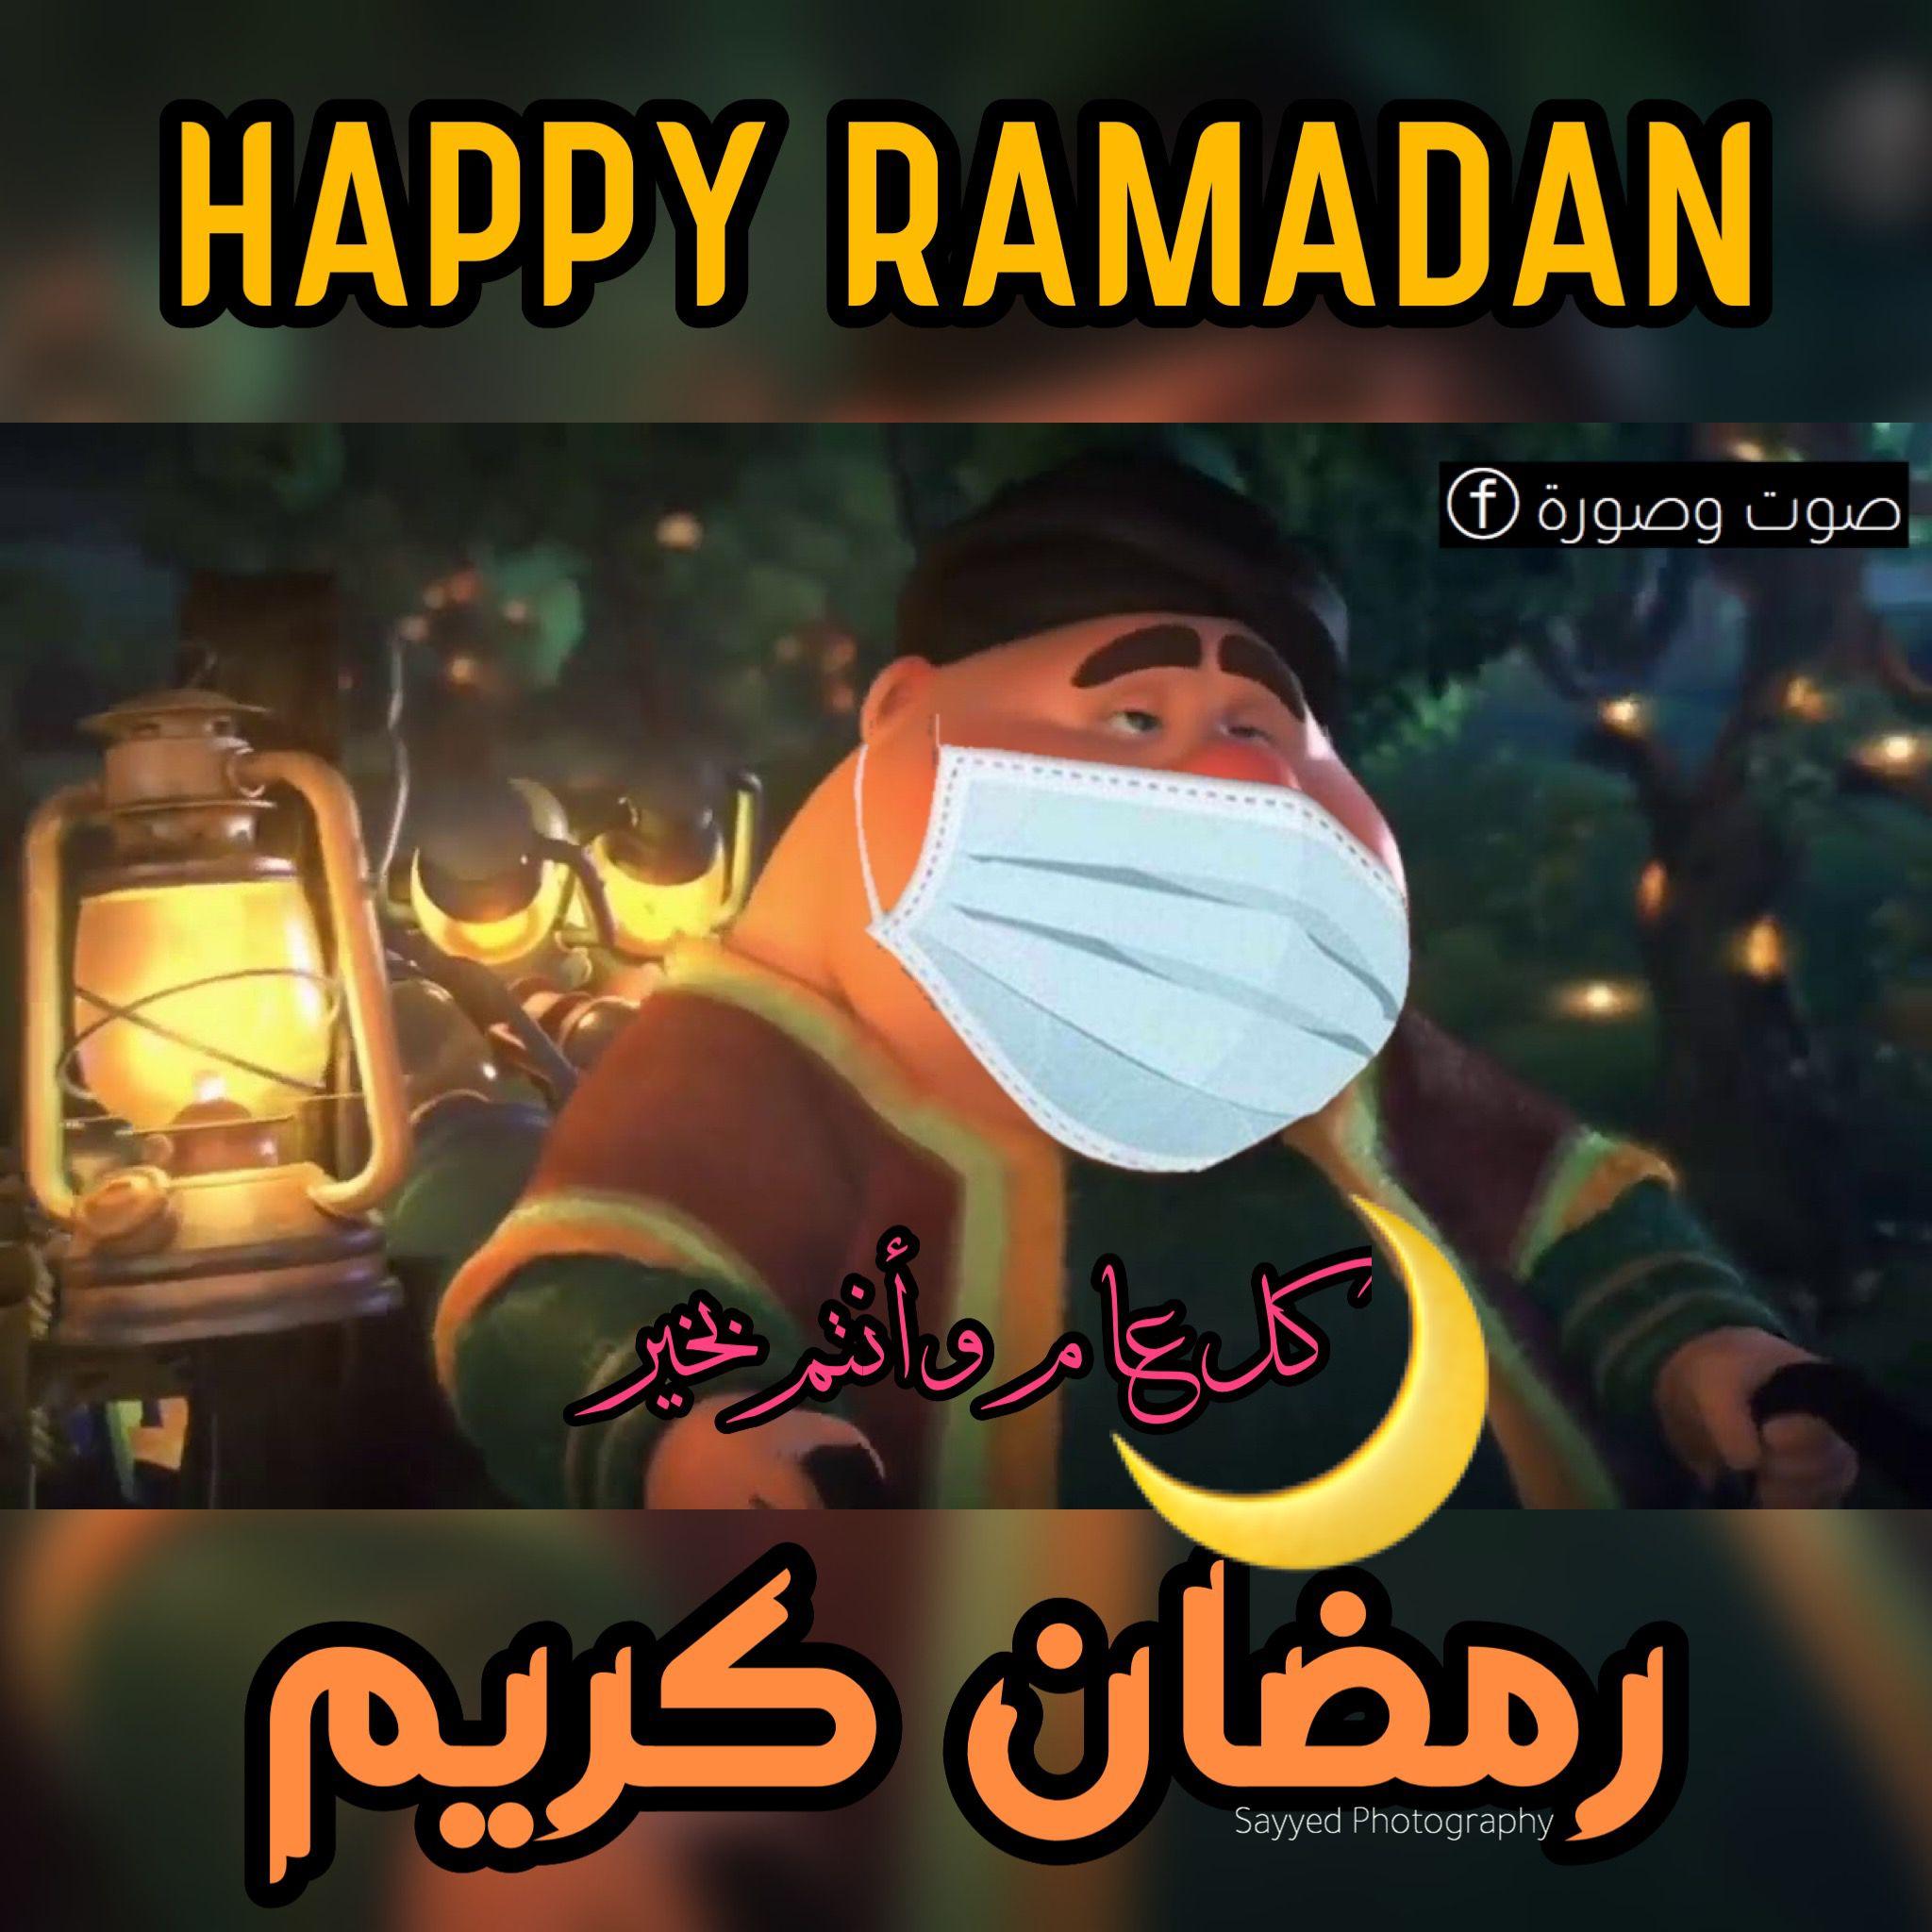 كل عام وأنتم بألف الف خير In 2021 Ramadan Movie Posters Photography